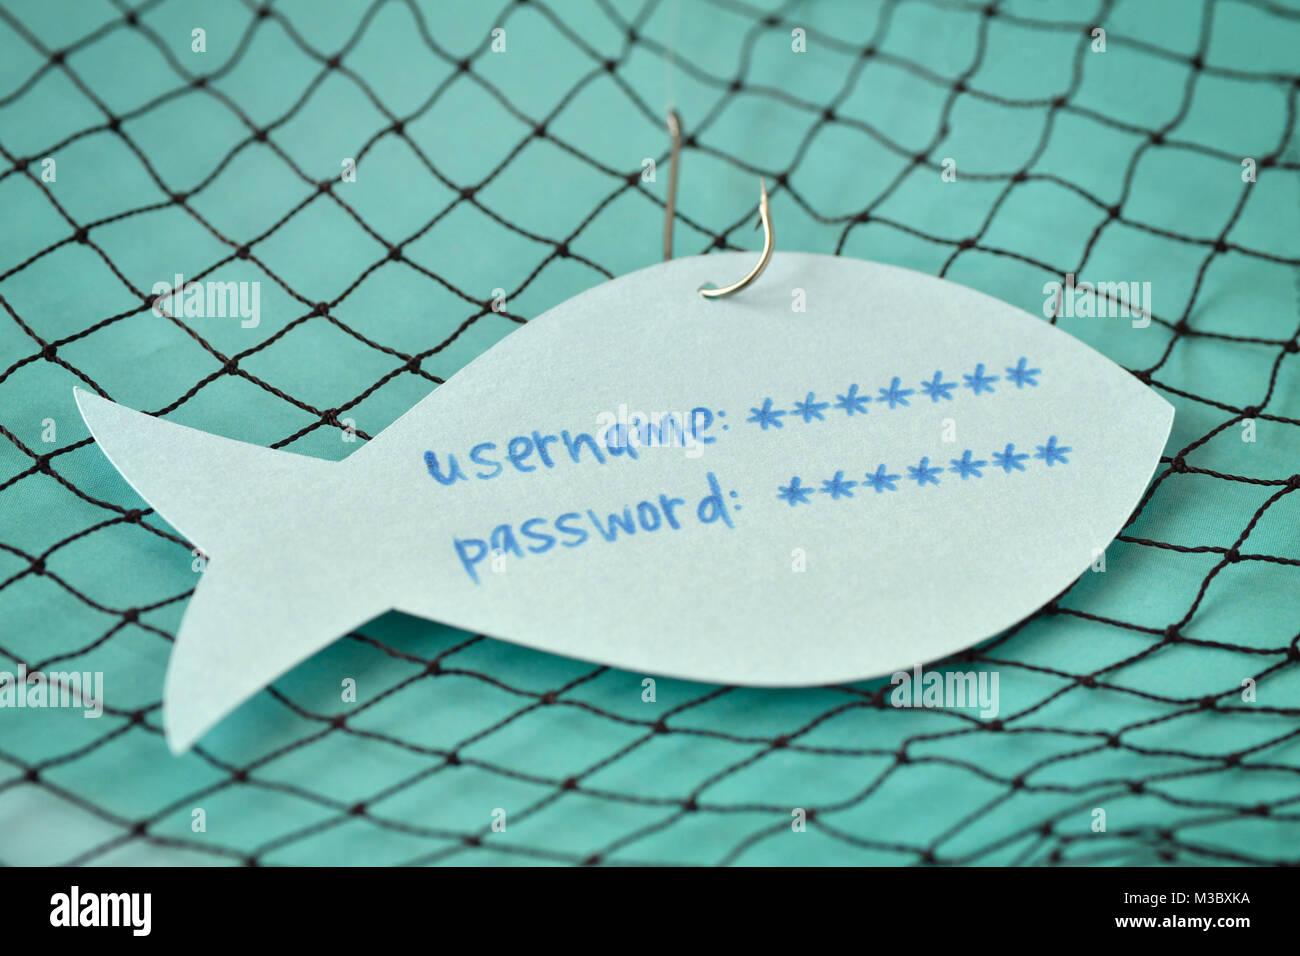 Benutzernamen und Kennwort auf einem Papier Hinweis in Form eines Fisches zu einem Haken geschrieben - Phishing Stockfoto